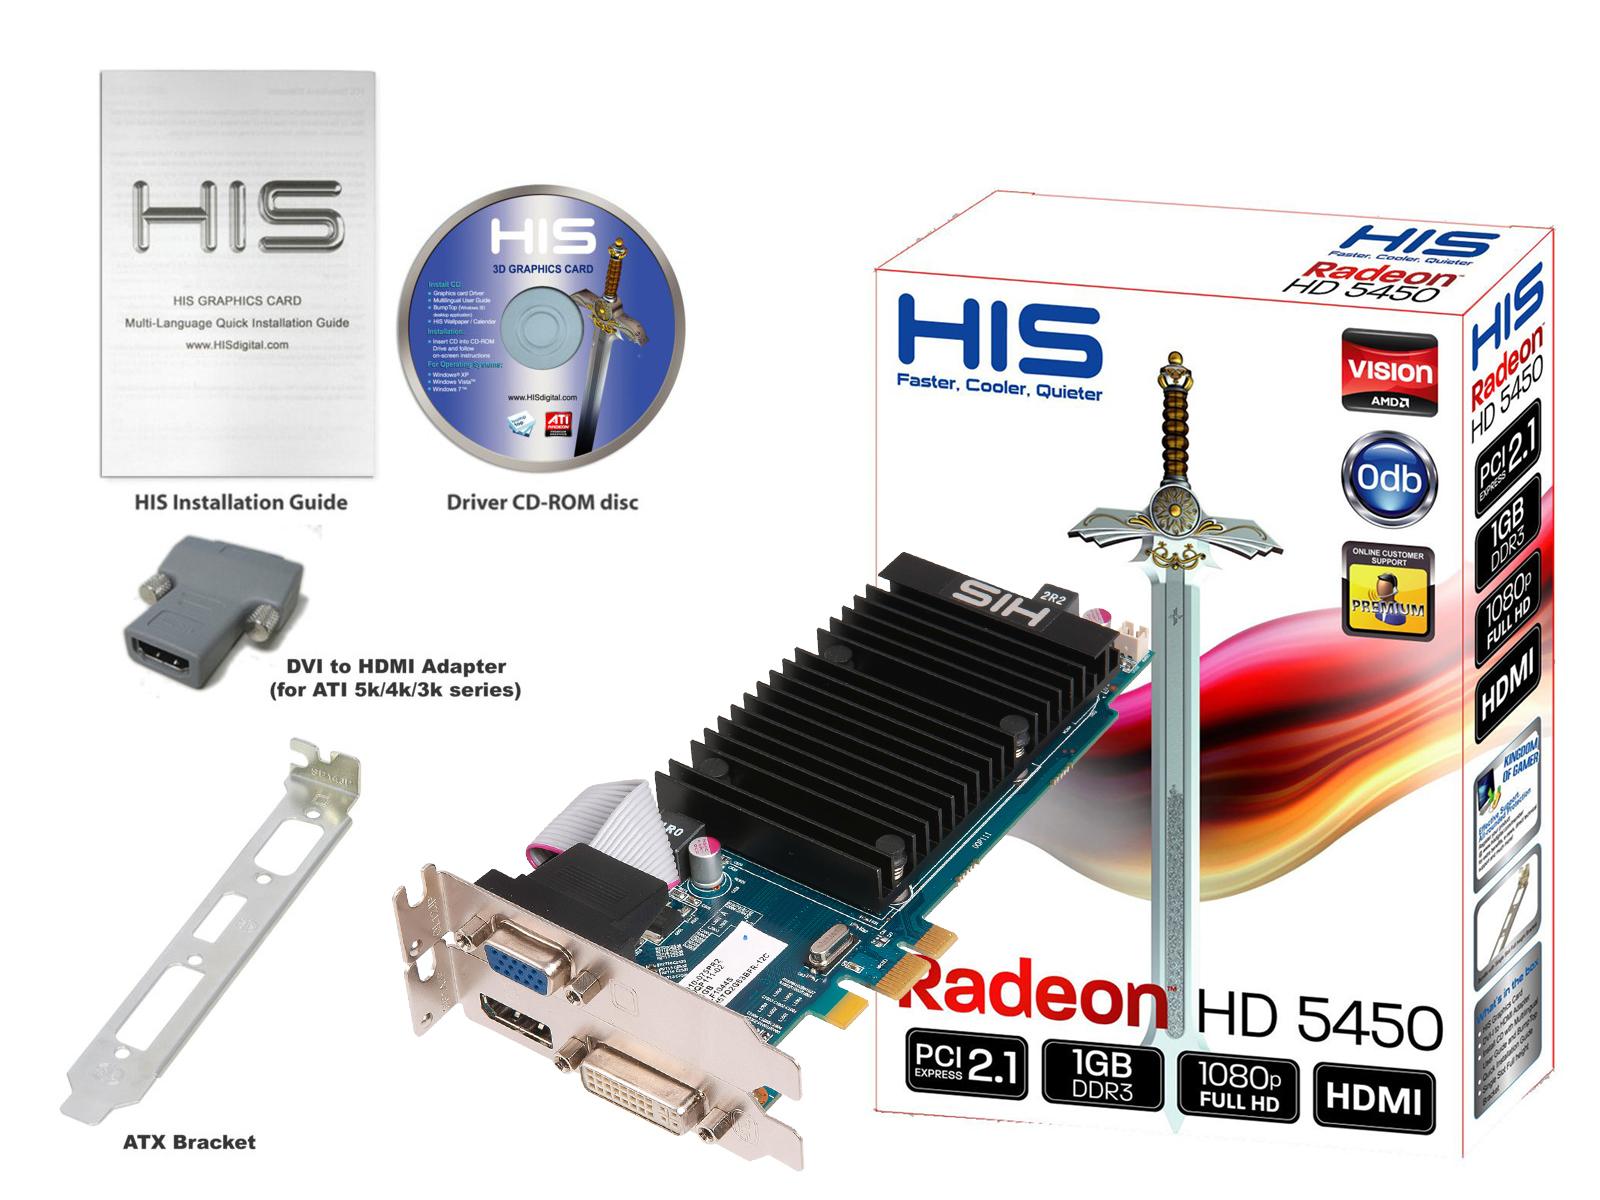 HIS 5450 Silence 1GB DDR3 PCI-E DP/DVI/VGA Low Profile < HD 5400